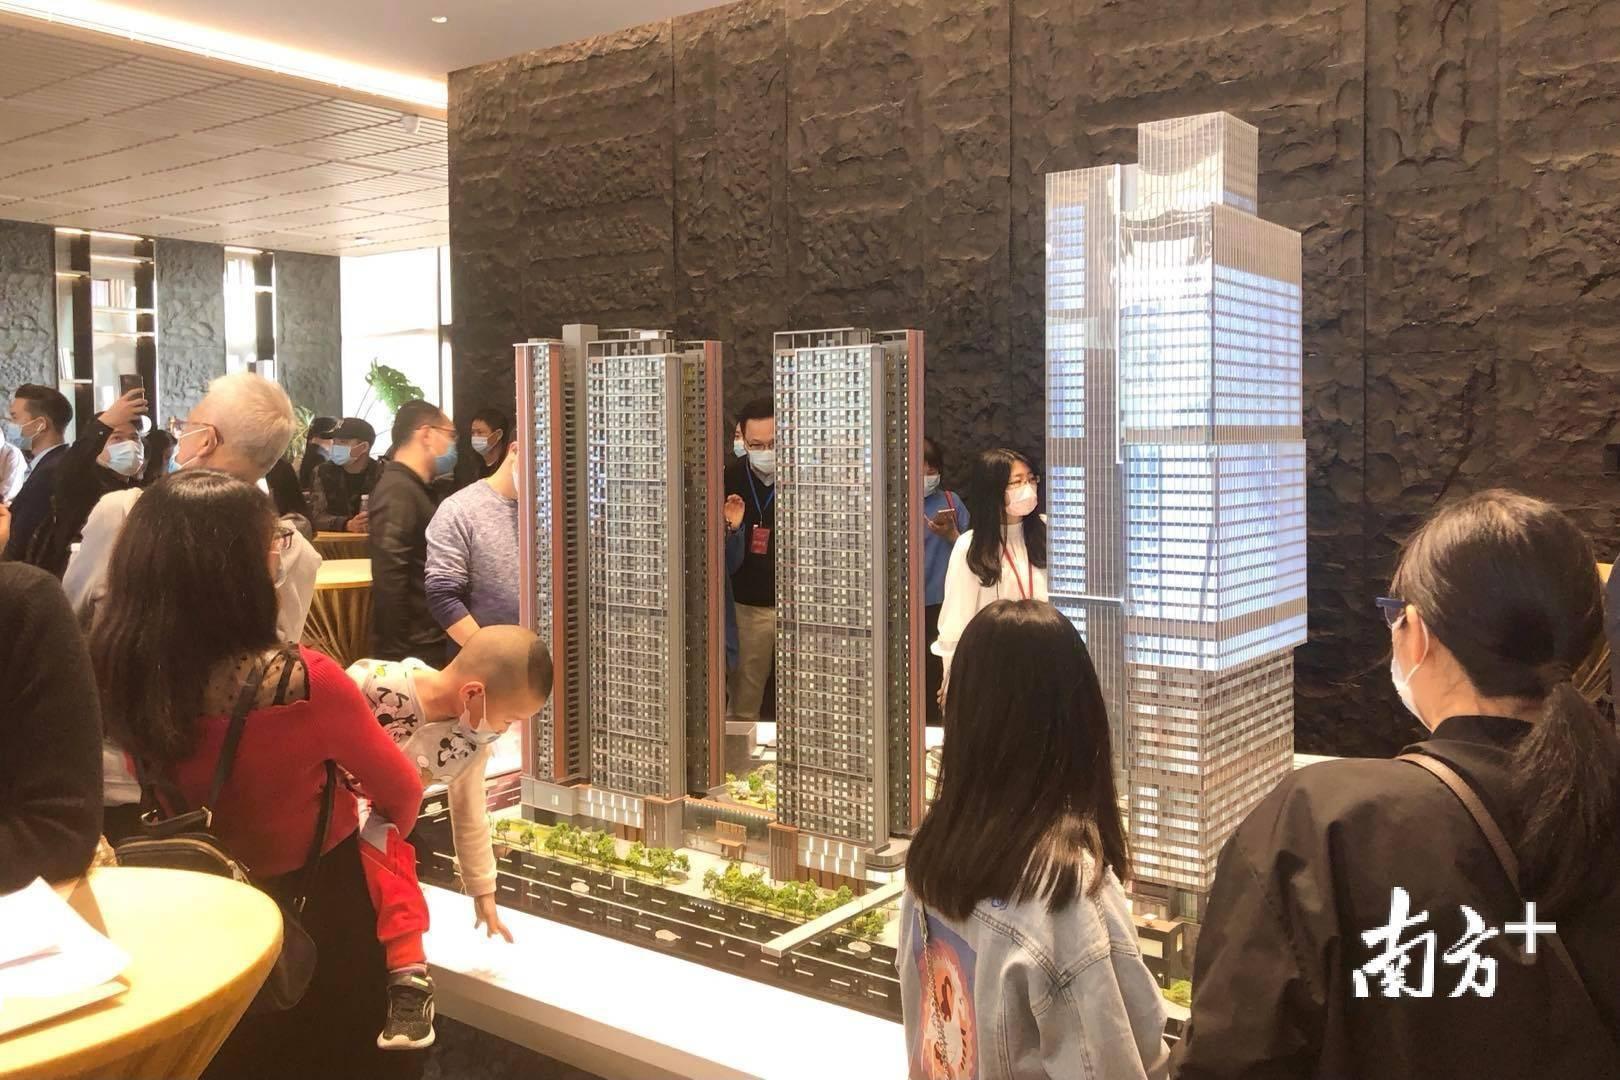 严查经营贷流入?广州楼市或将迎新变化